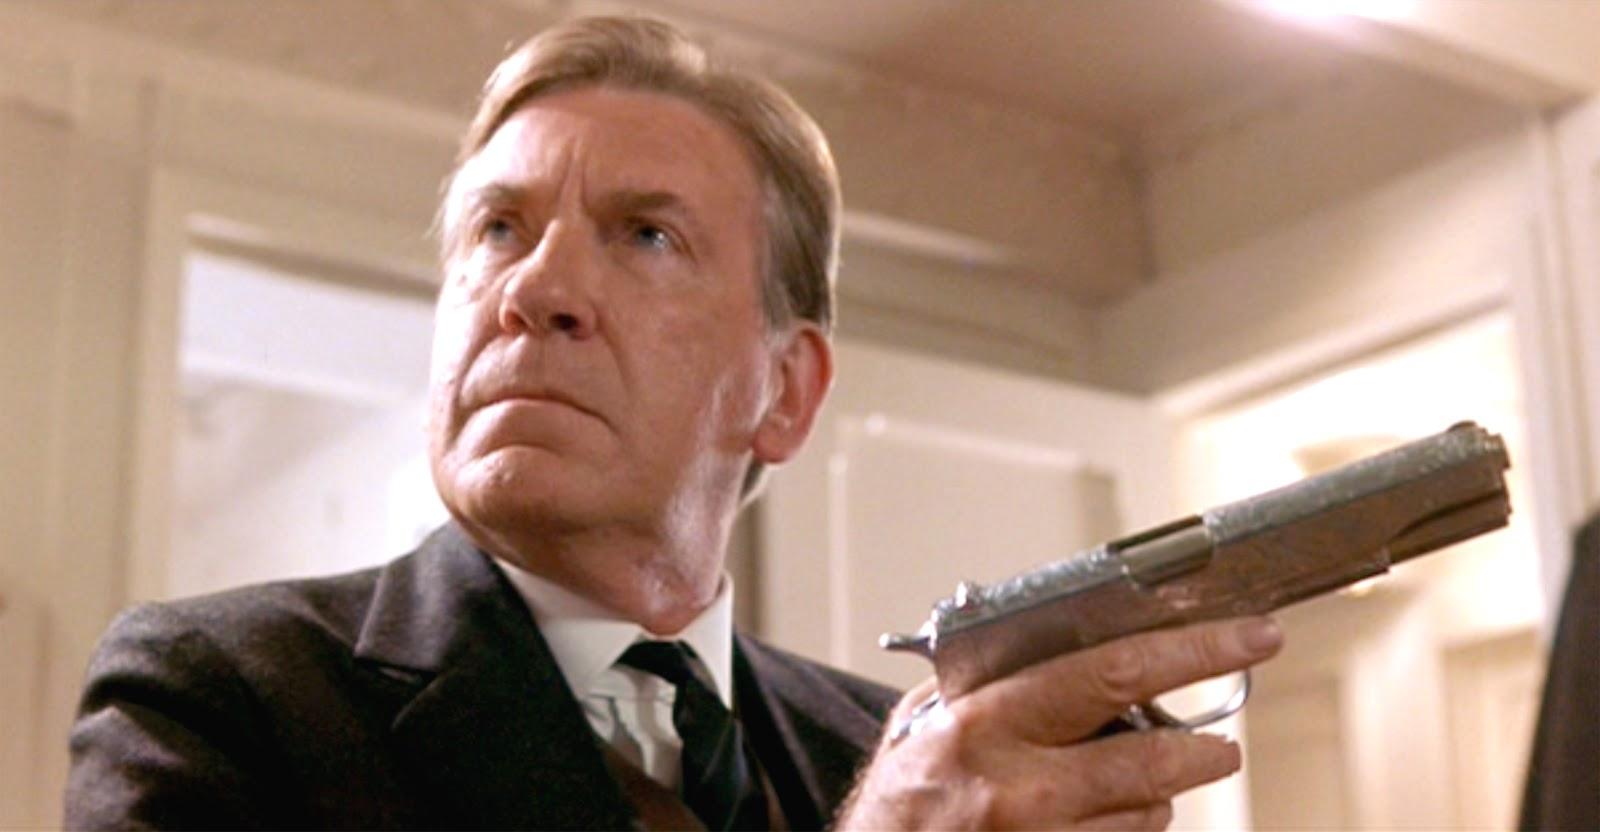 billy zane titanic gun - photo #27